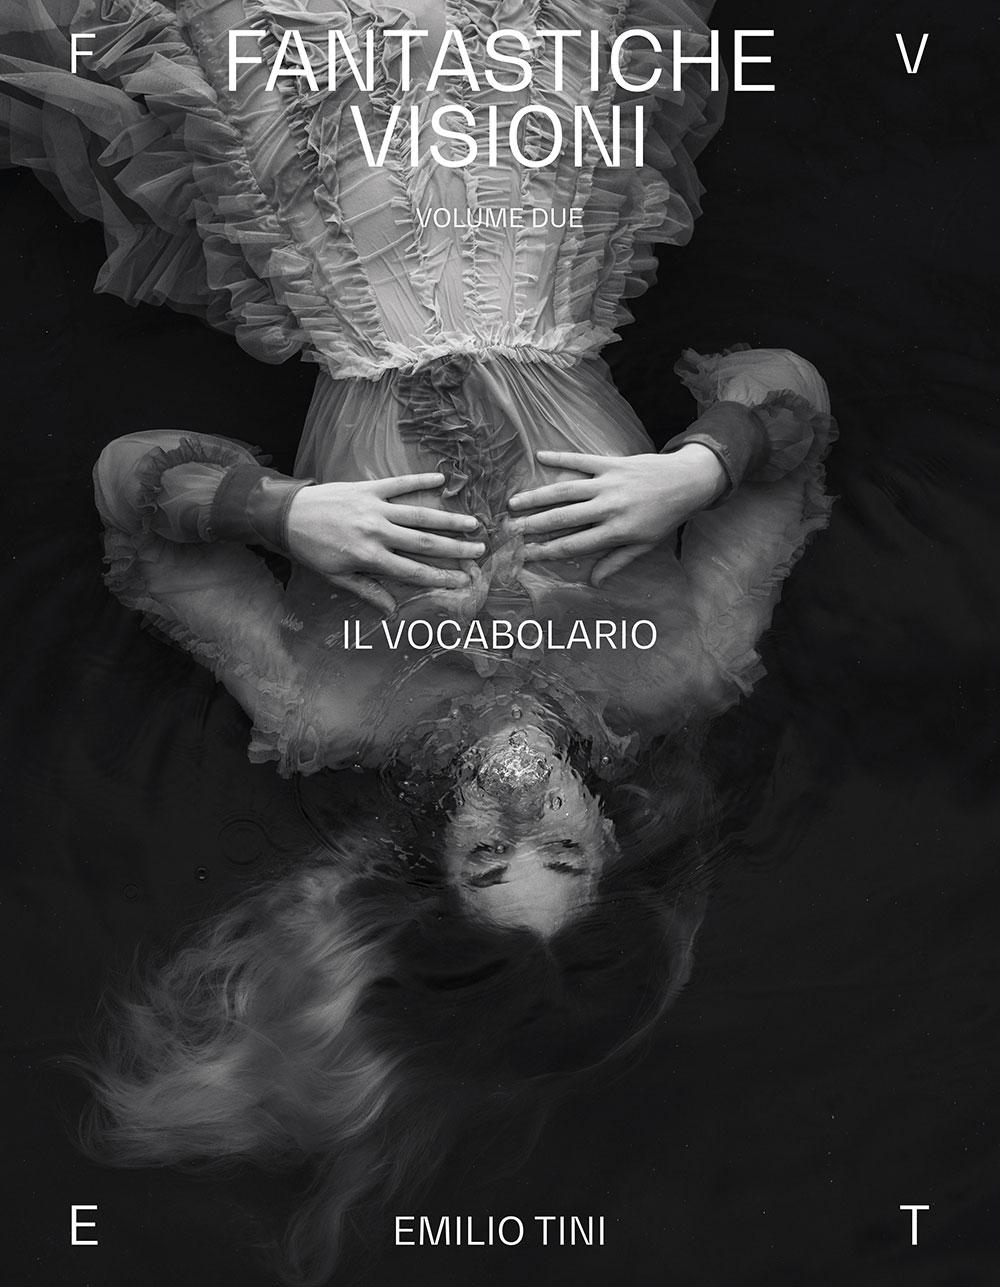 Fantastiche Visioni di Emilio Tini